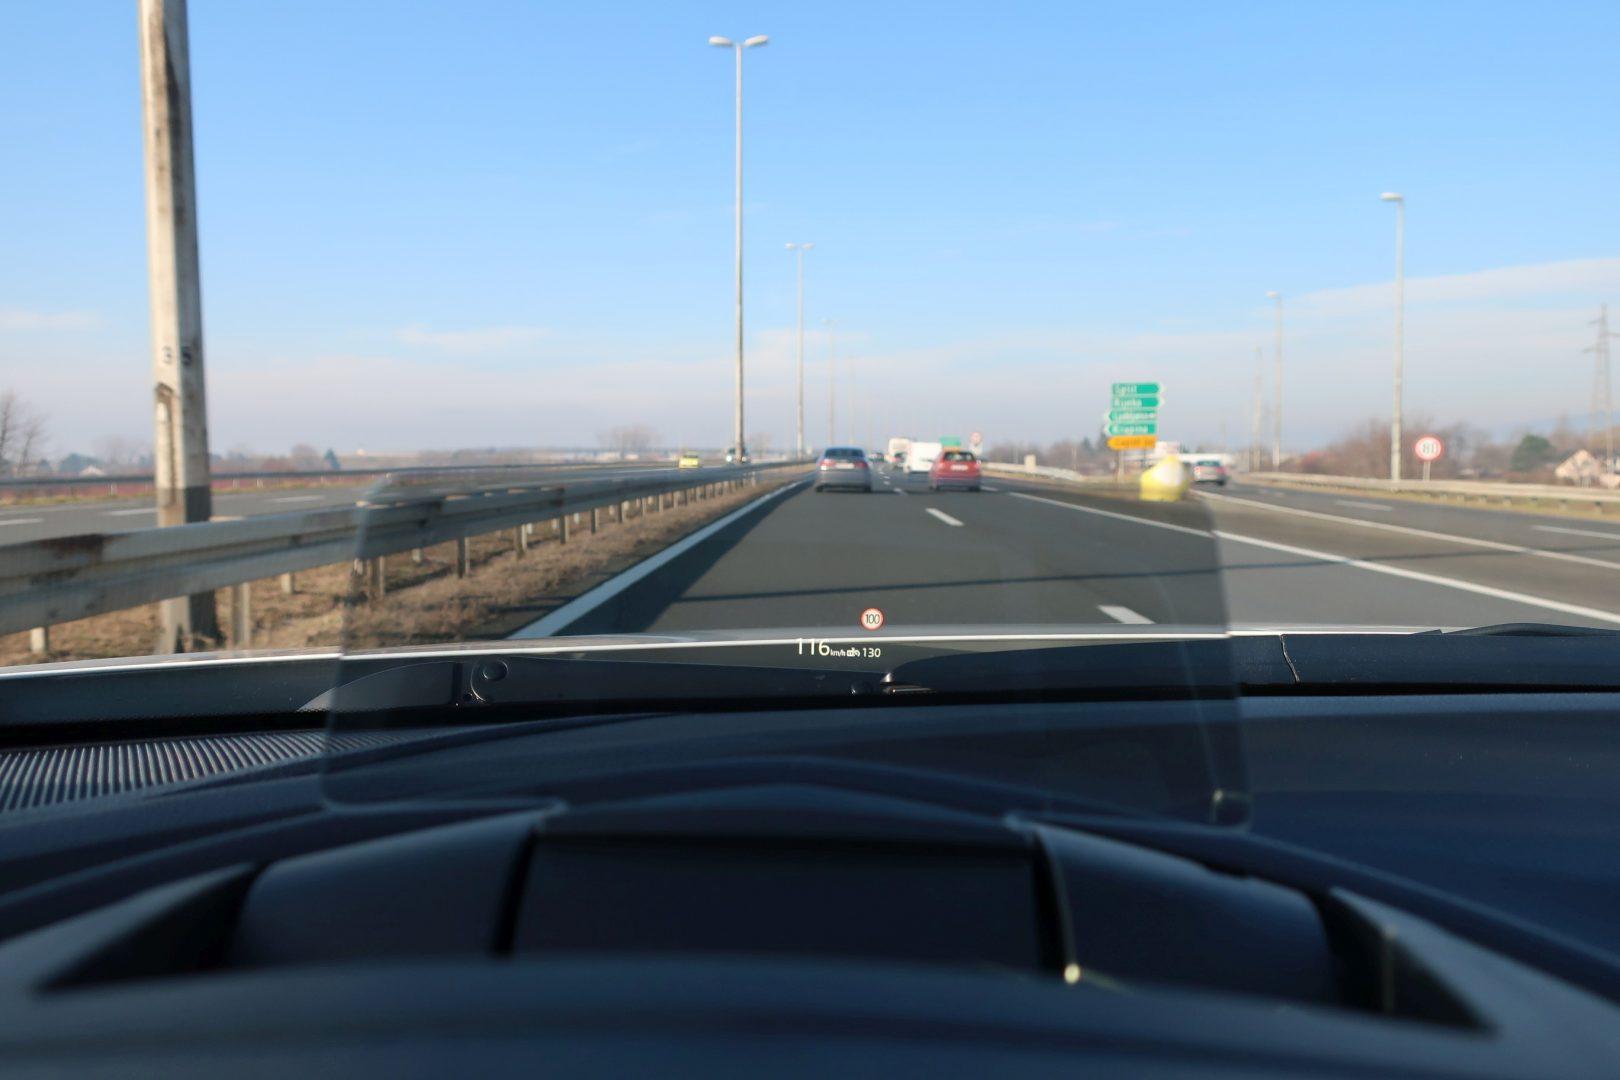 Head-up display olakšava vožnju